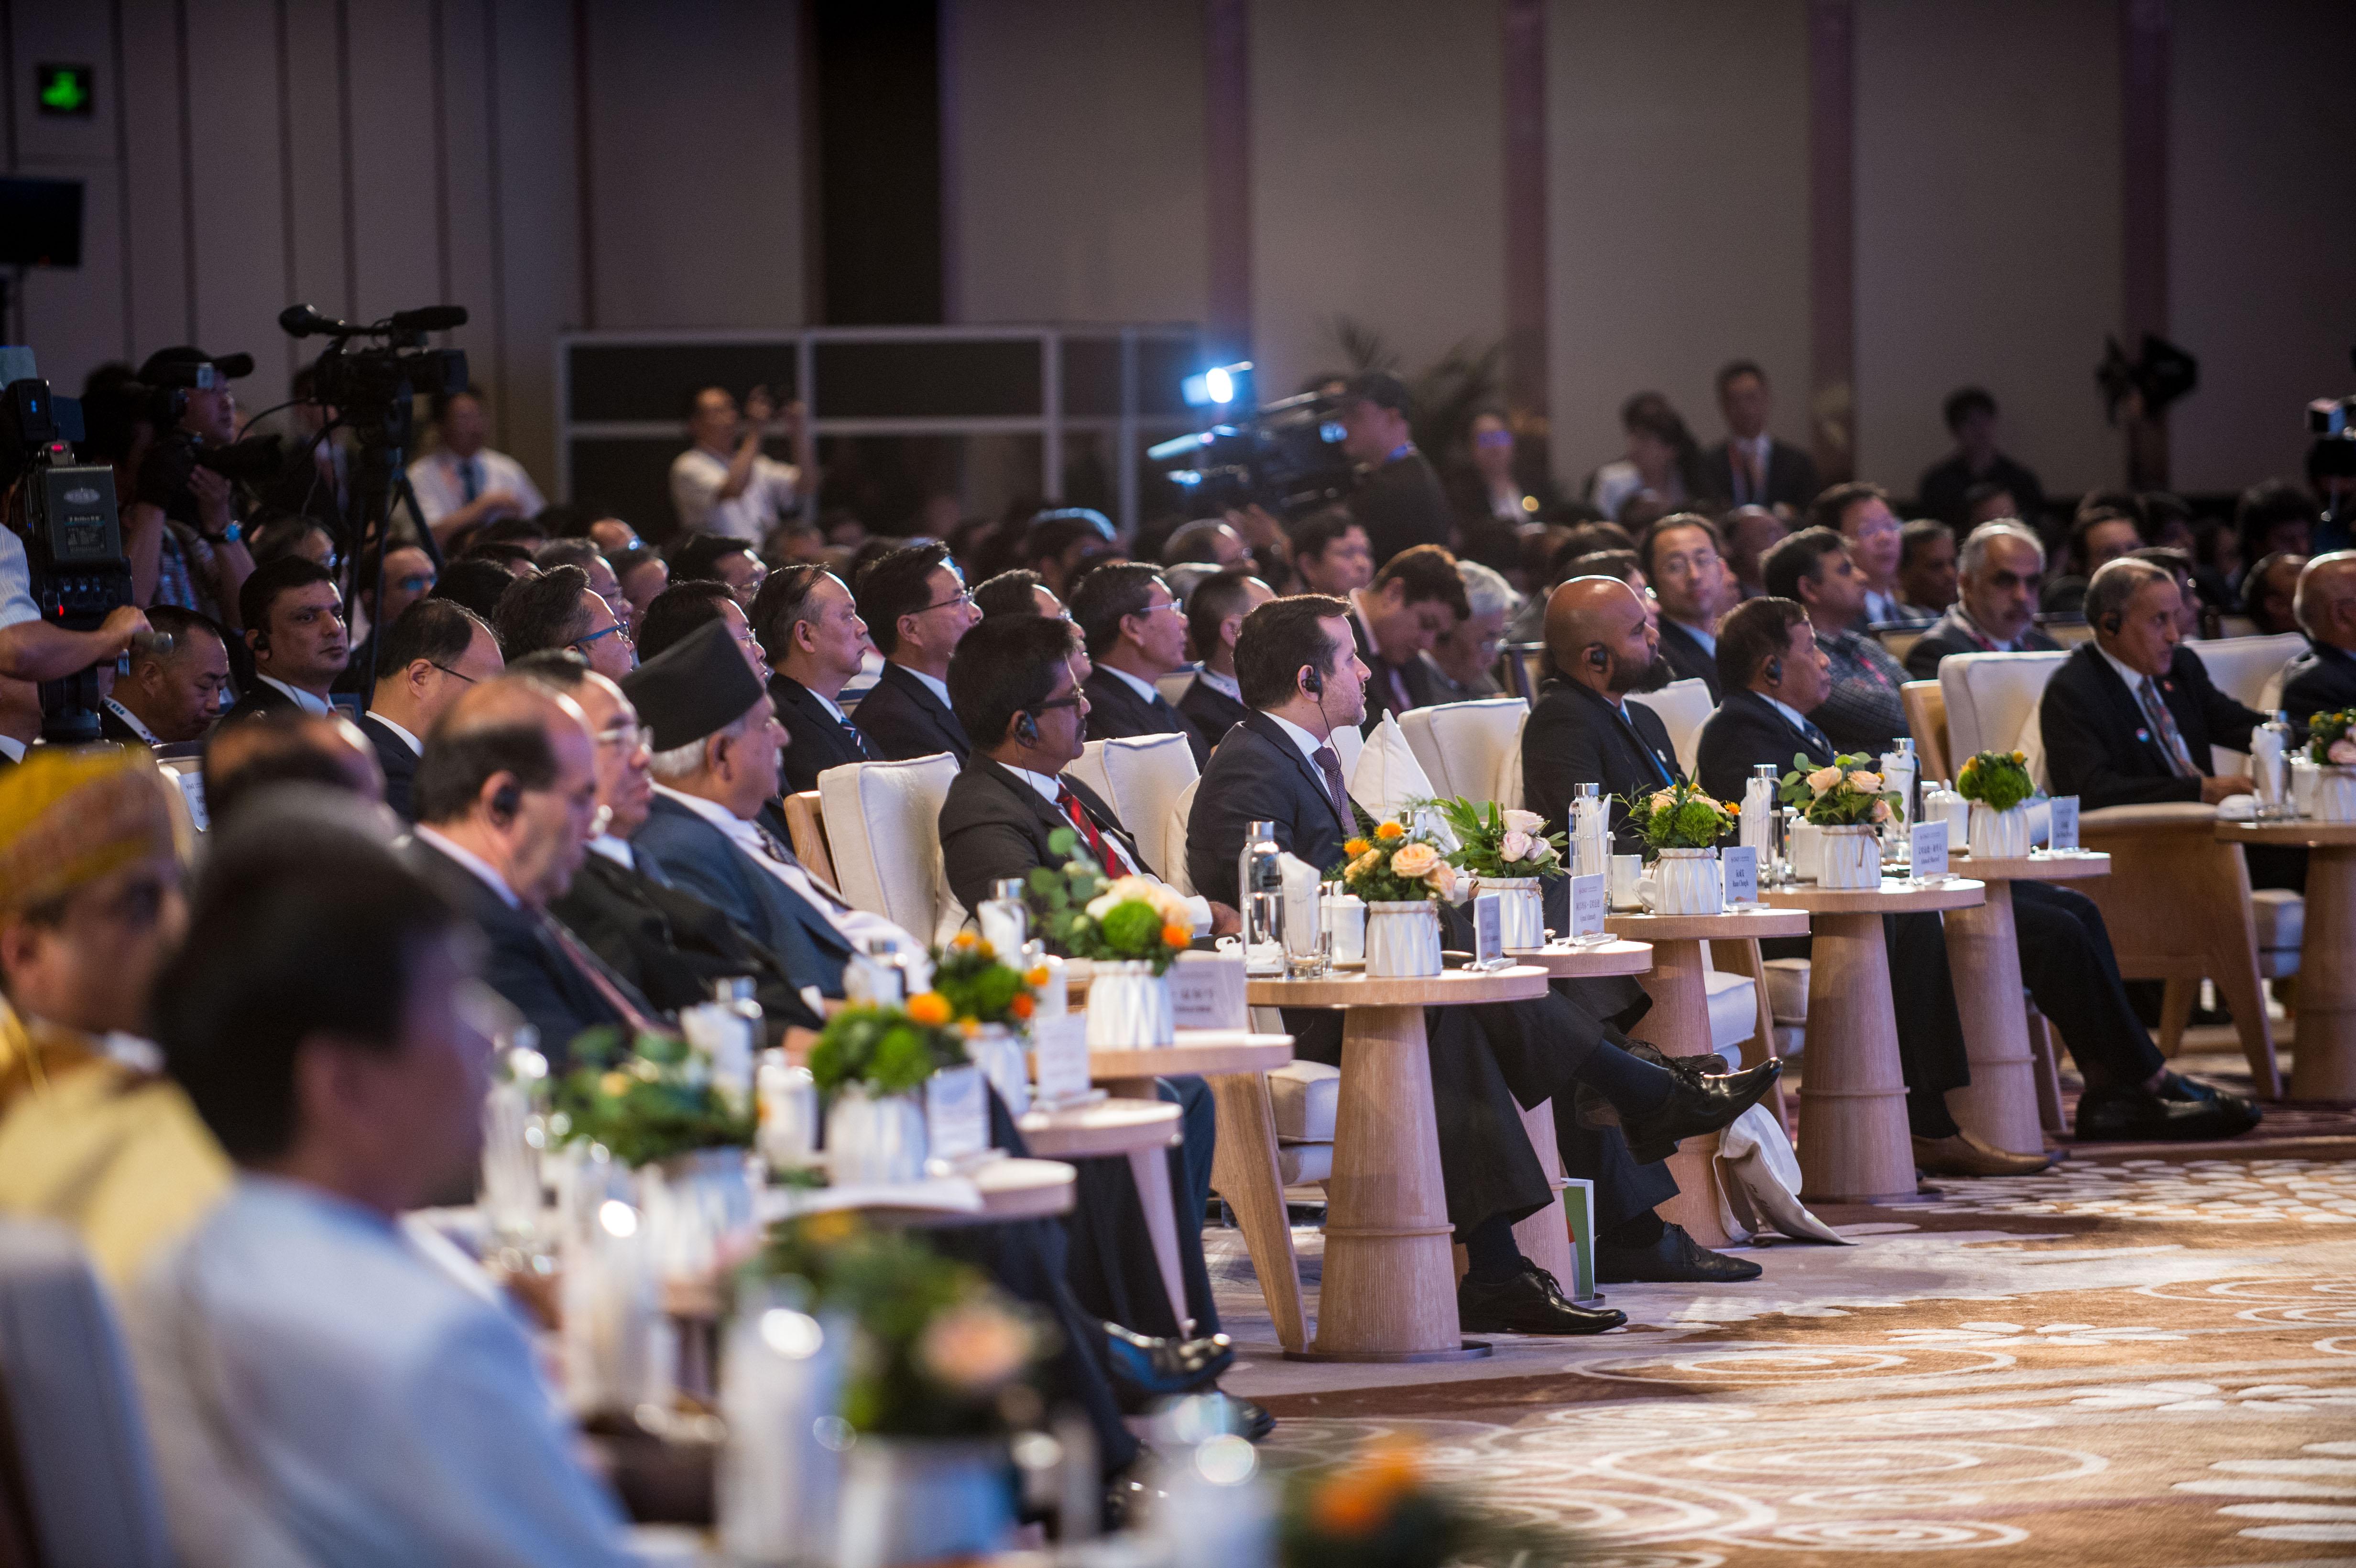 第二届中国-南亚合作论坛在玉溪举行